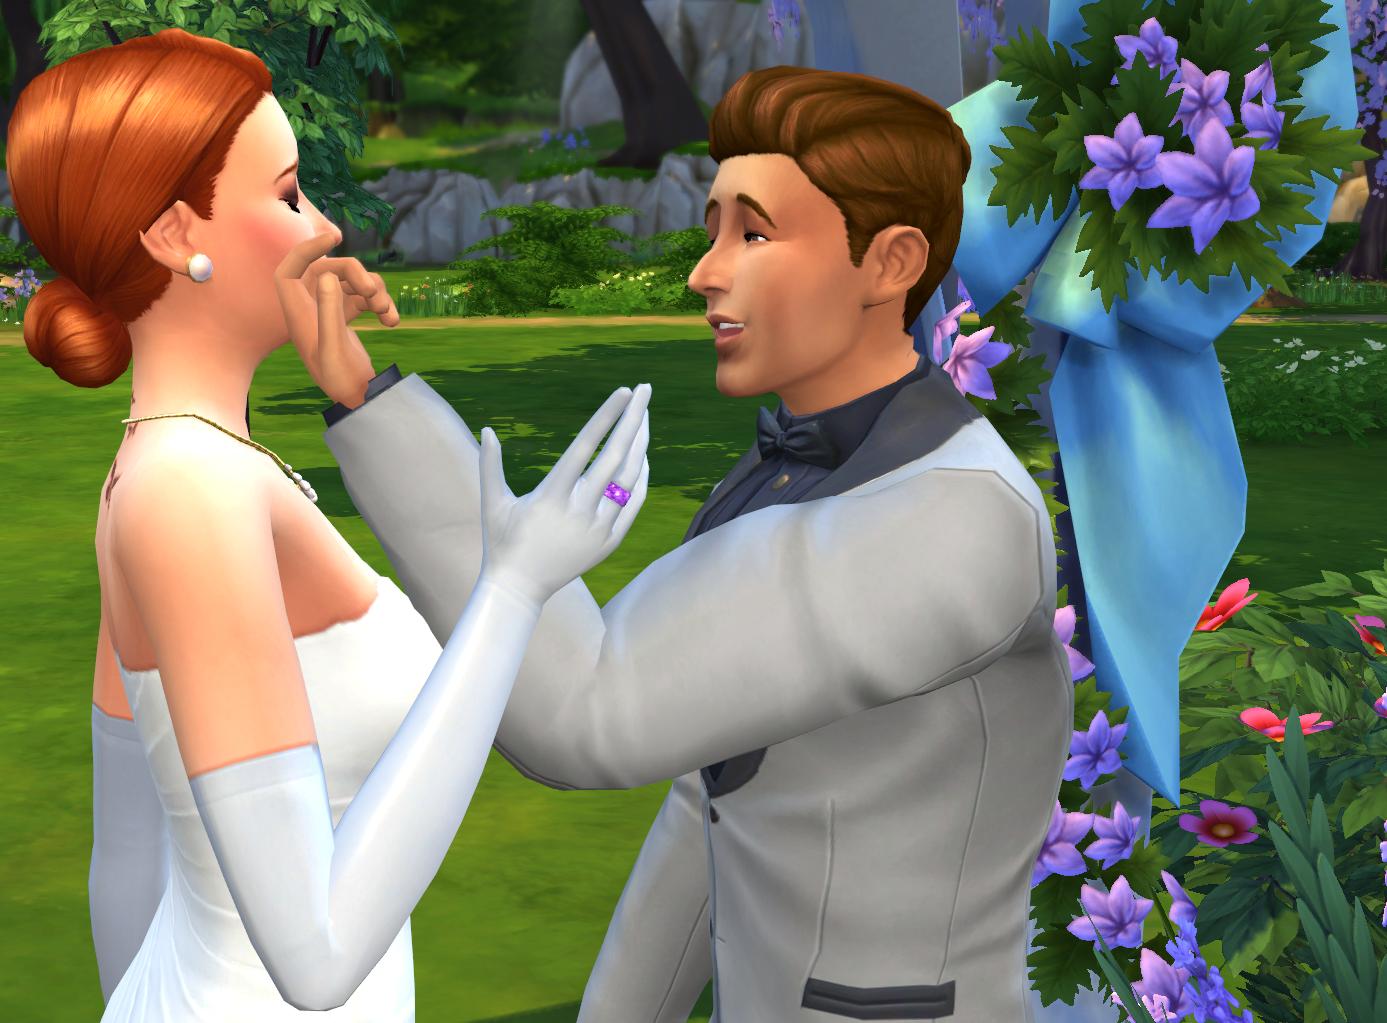 [Sims 4] Un souvenir de vos premiers instants de jeu - Page 2 302818247